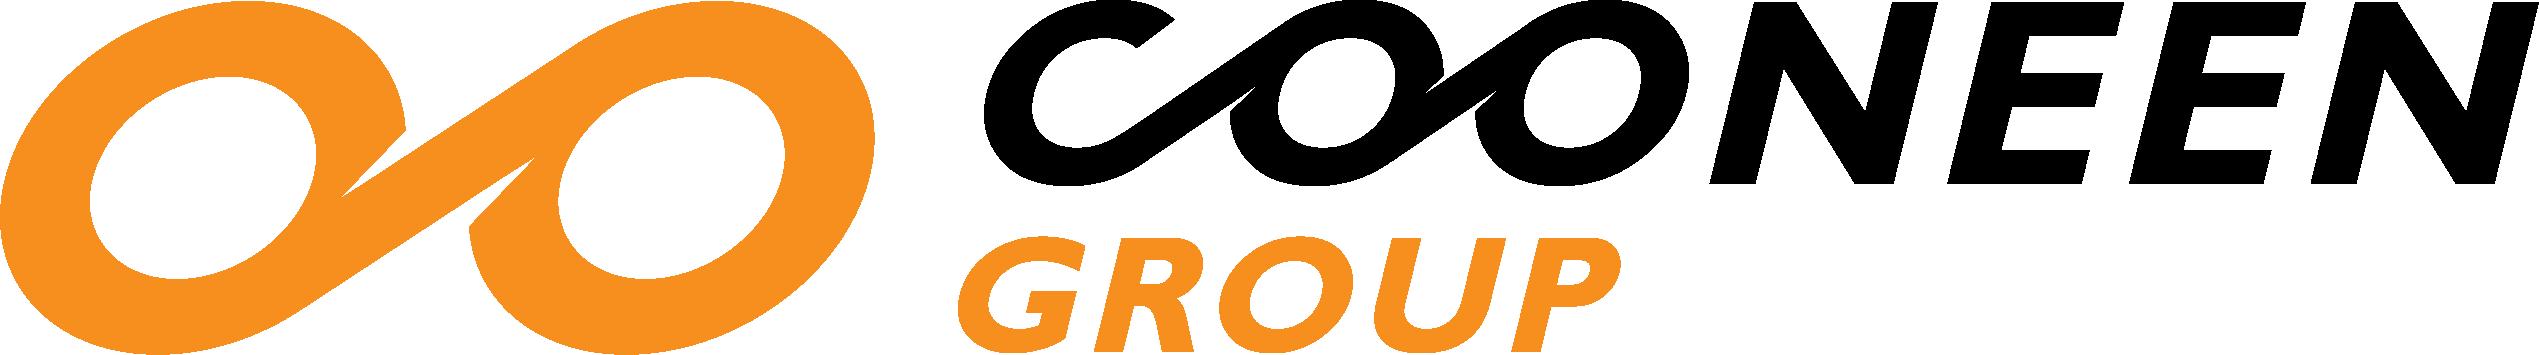 Cooneen Group